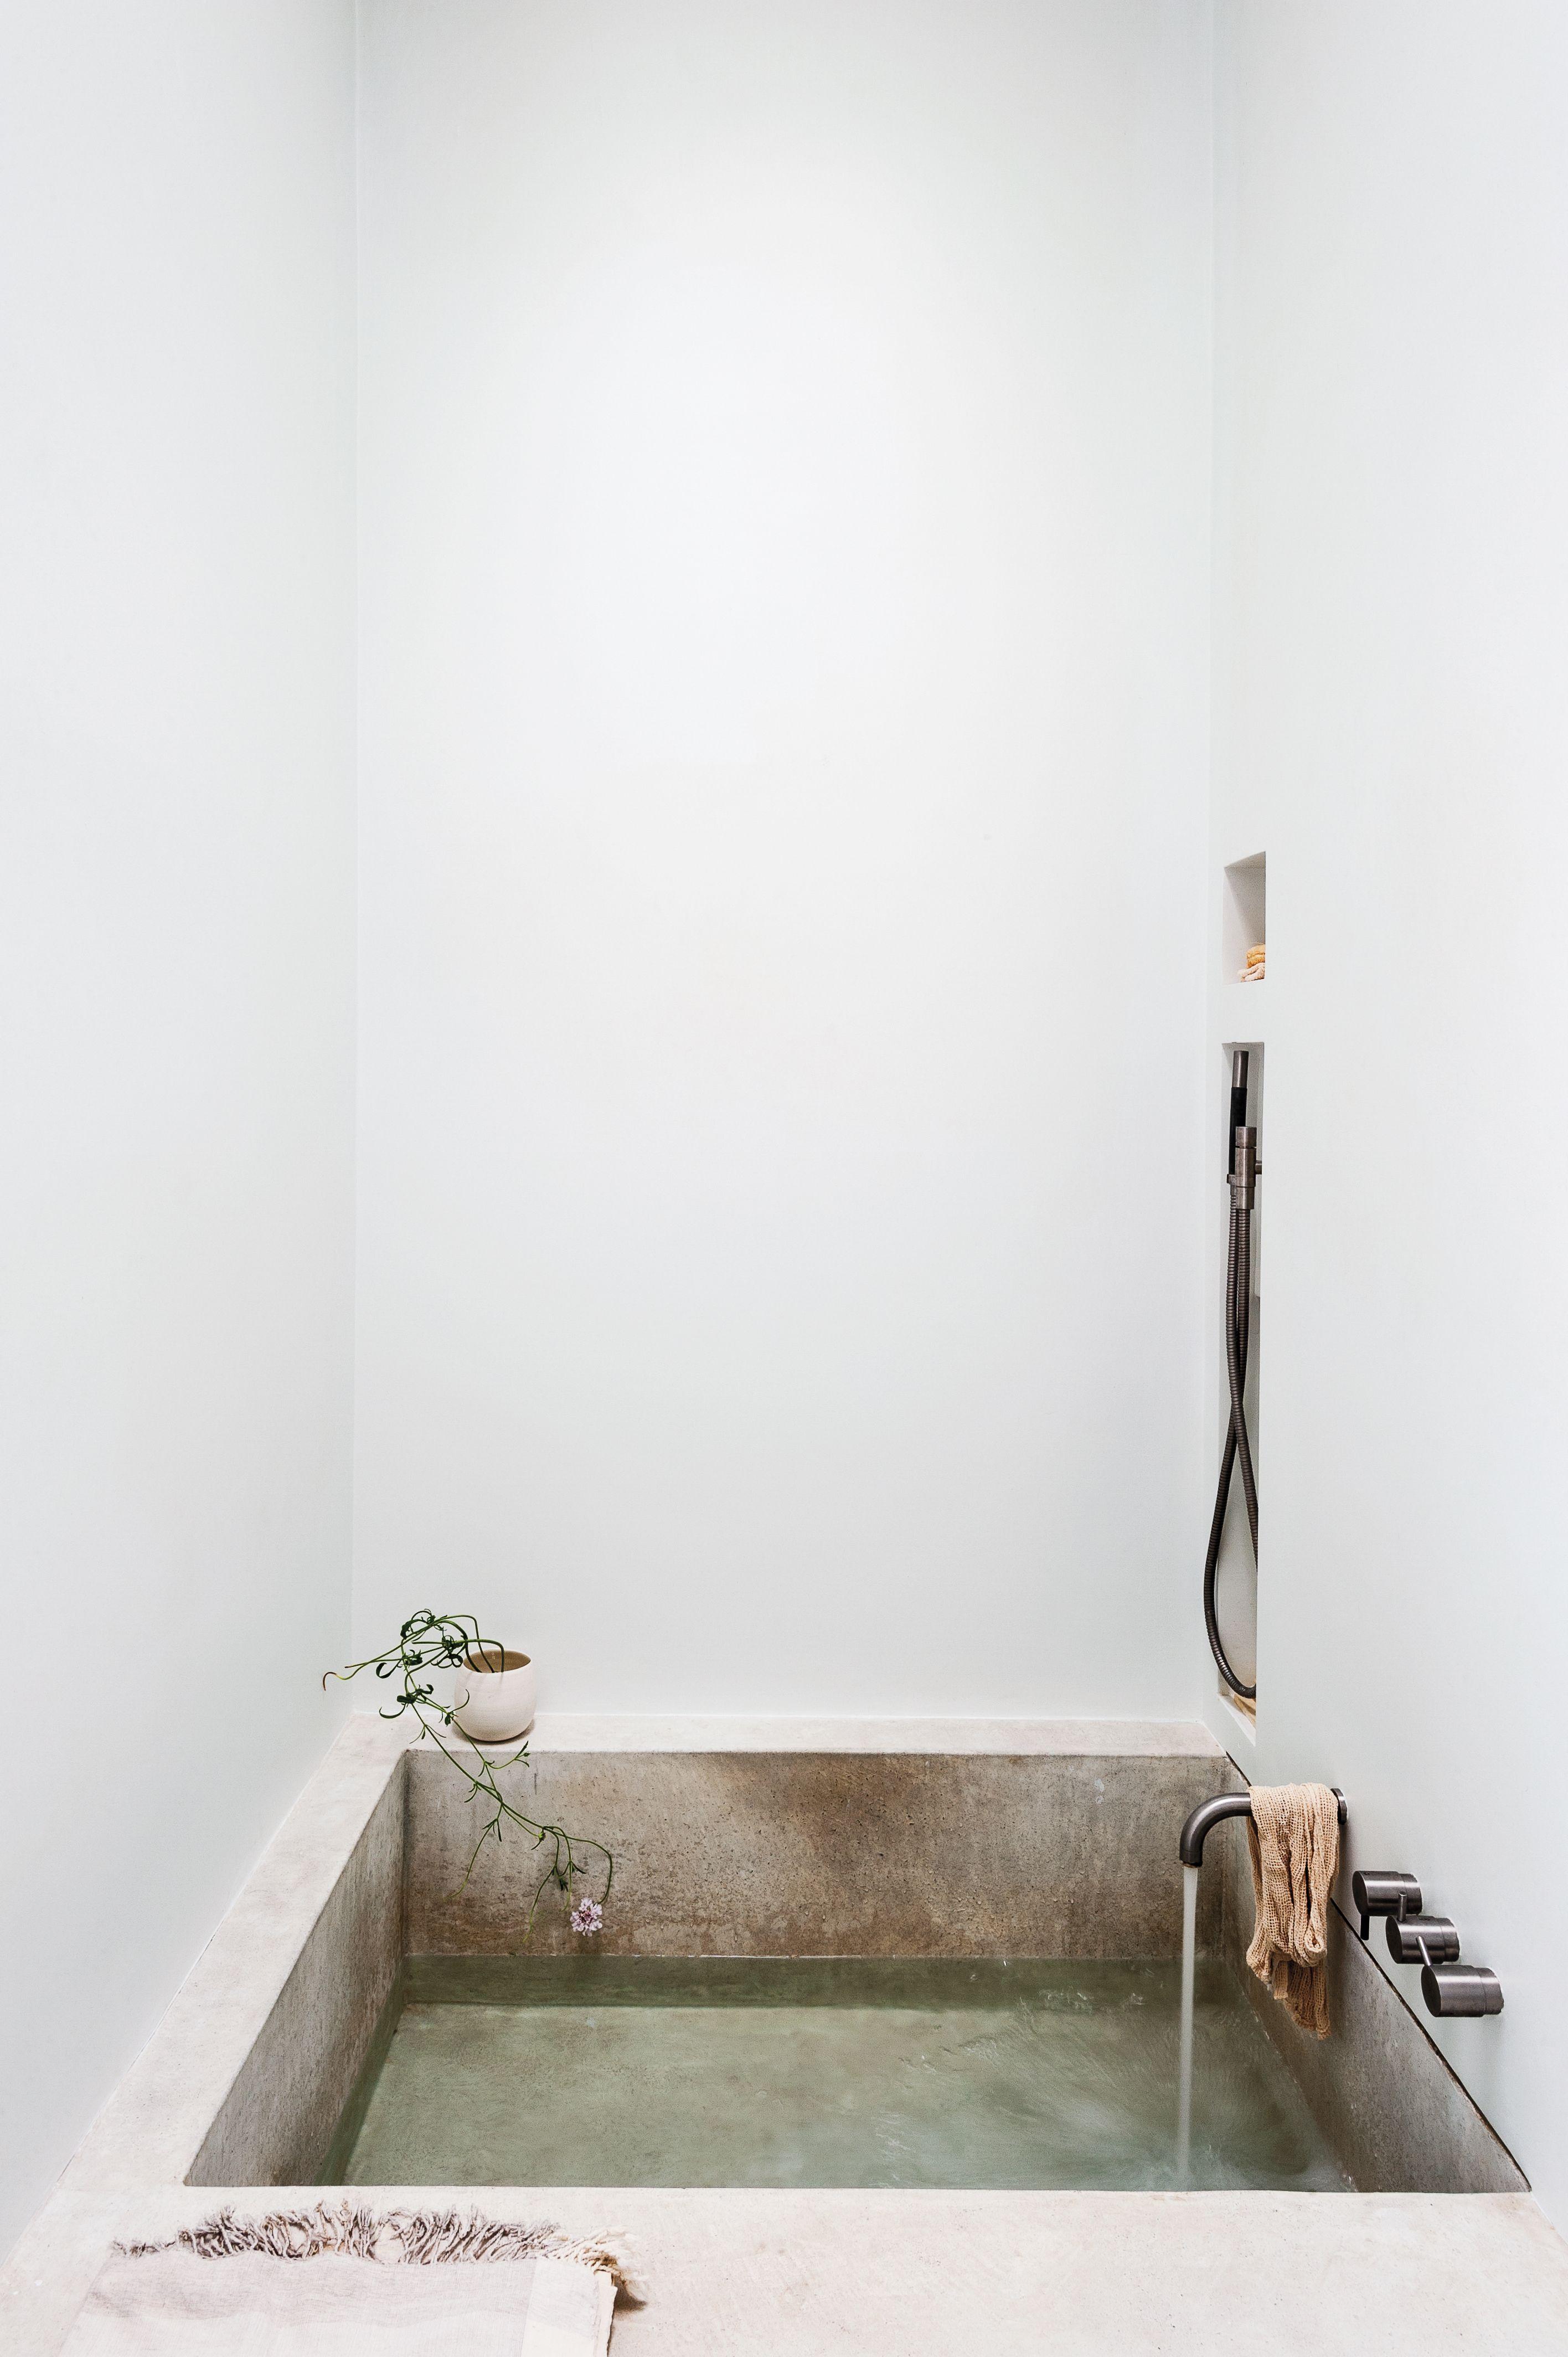 Marche Pour Monter Dans Baignoire trend alert: 13 sculptural baths and showers | salle de bain